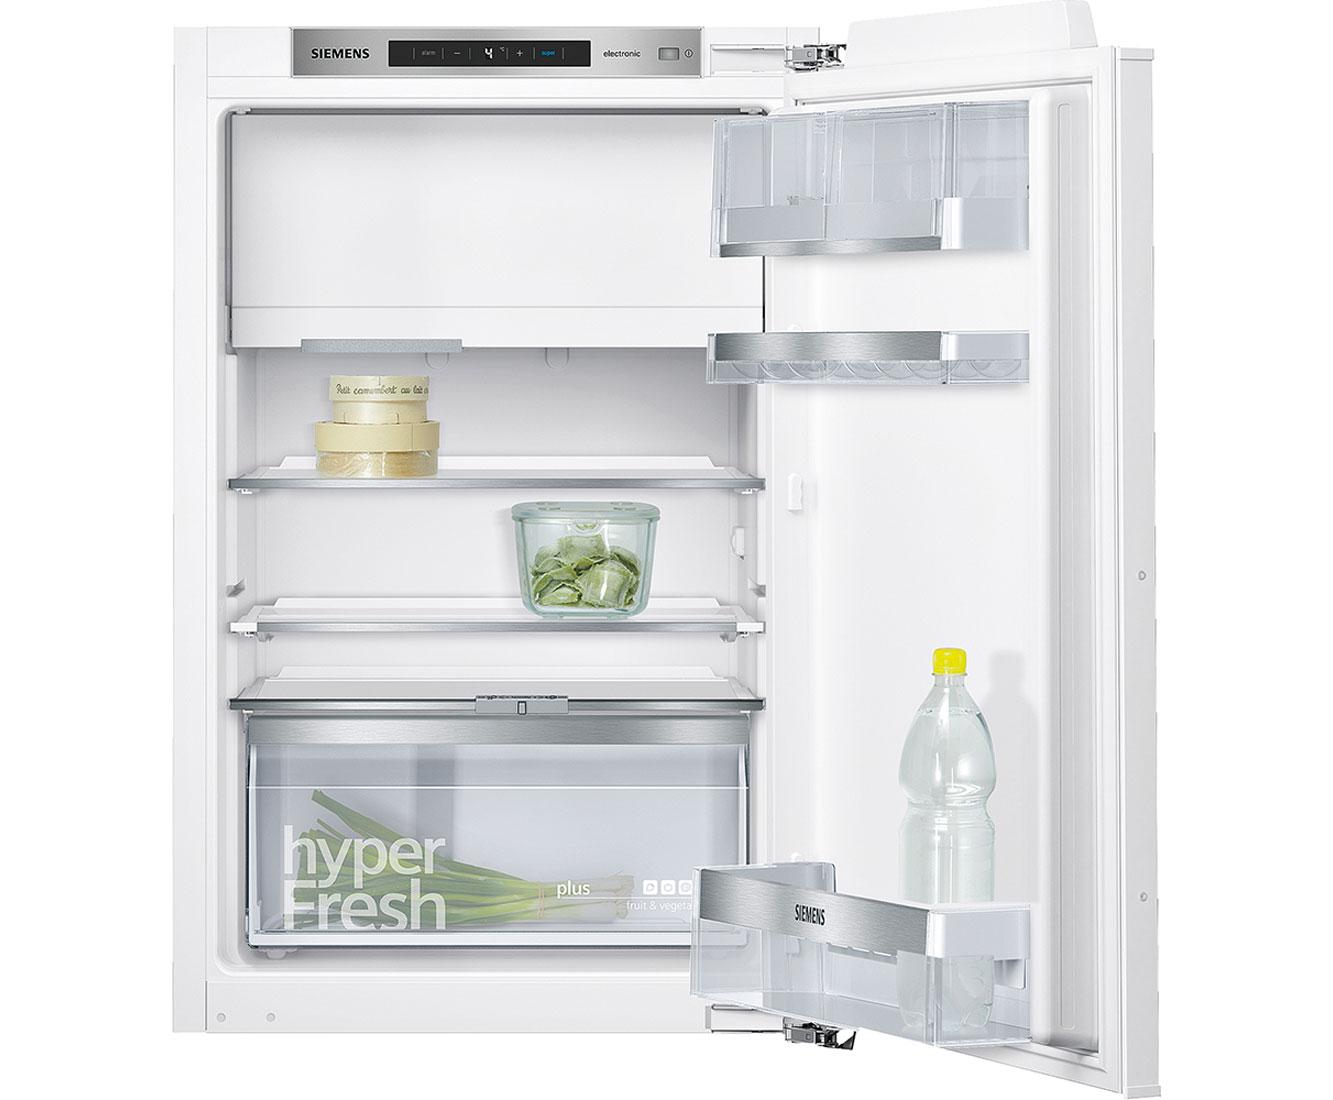 Siemens Kühlschrank : Siemens ki laf einbau kühlschrank mit gefrierfach er nische